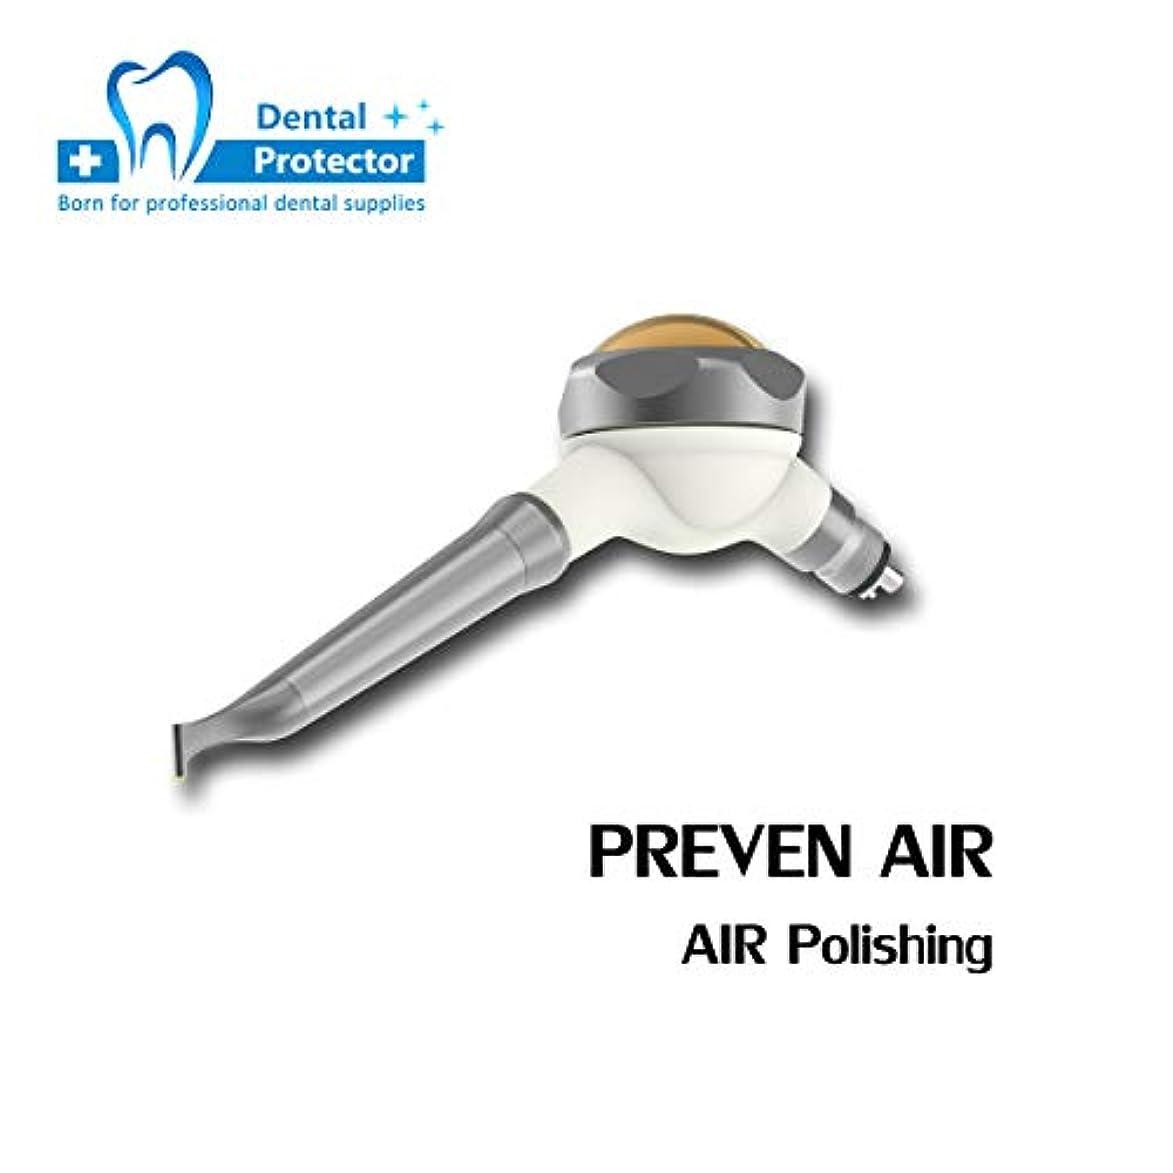 水素転倒病んでいる歯科のためのKAVO及びM4と互換性がある3H予防的な気流の歯の磨く機械衛生学Prophy